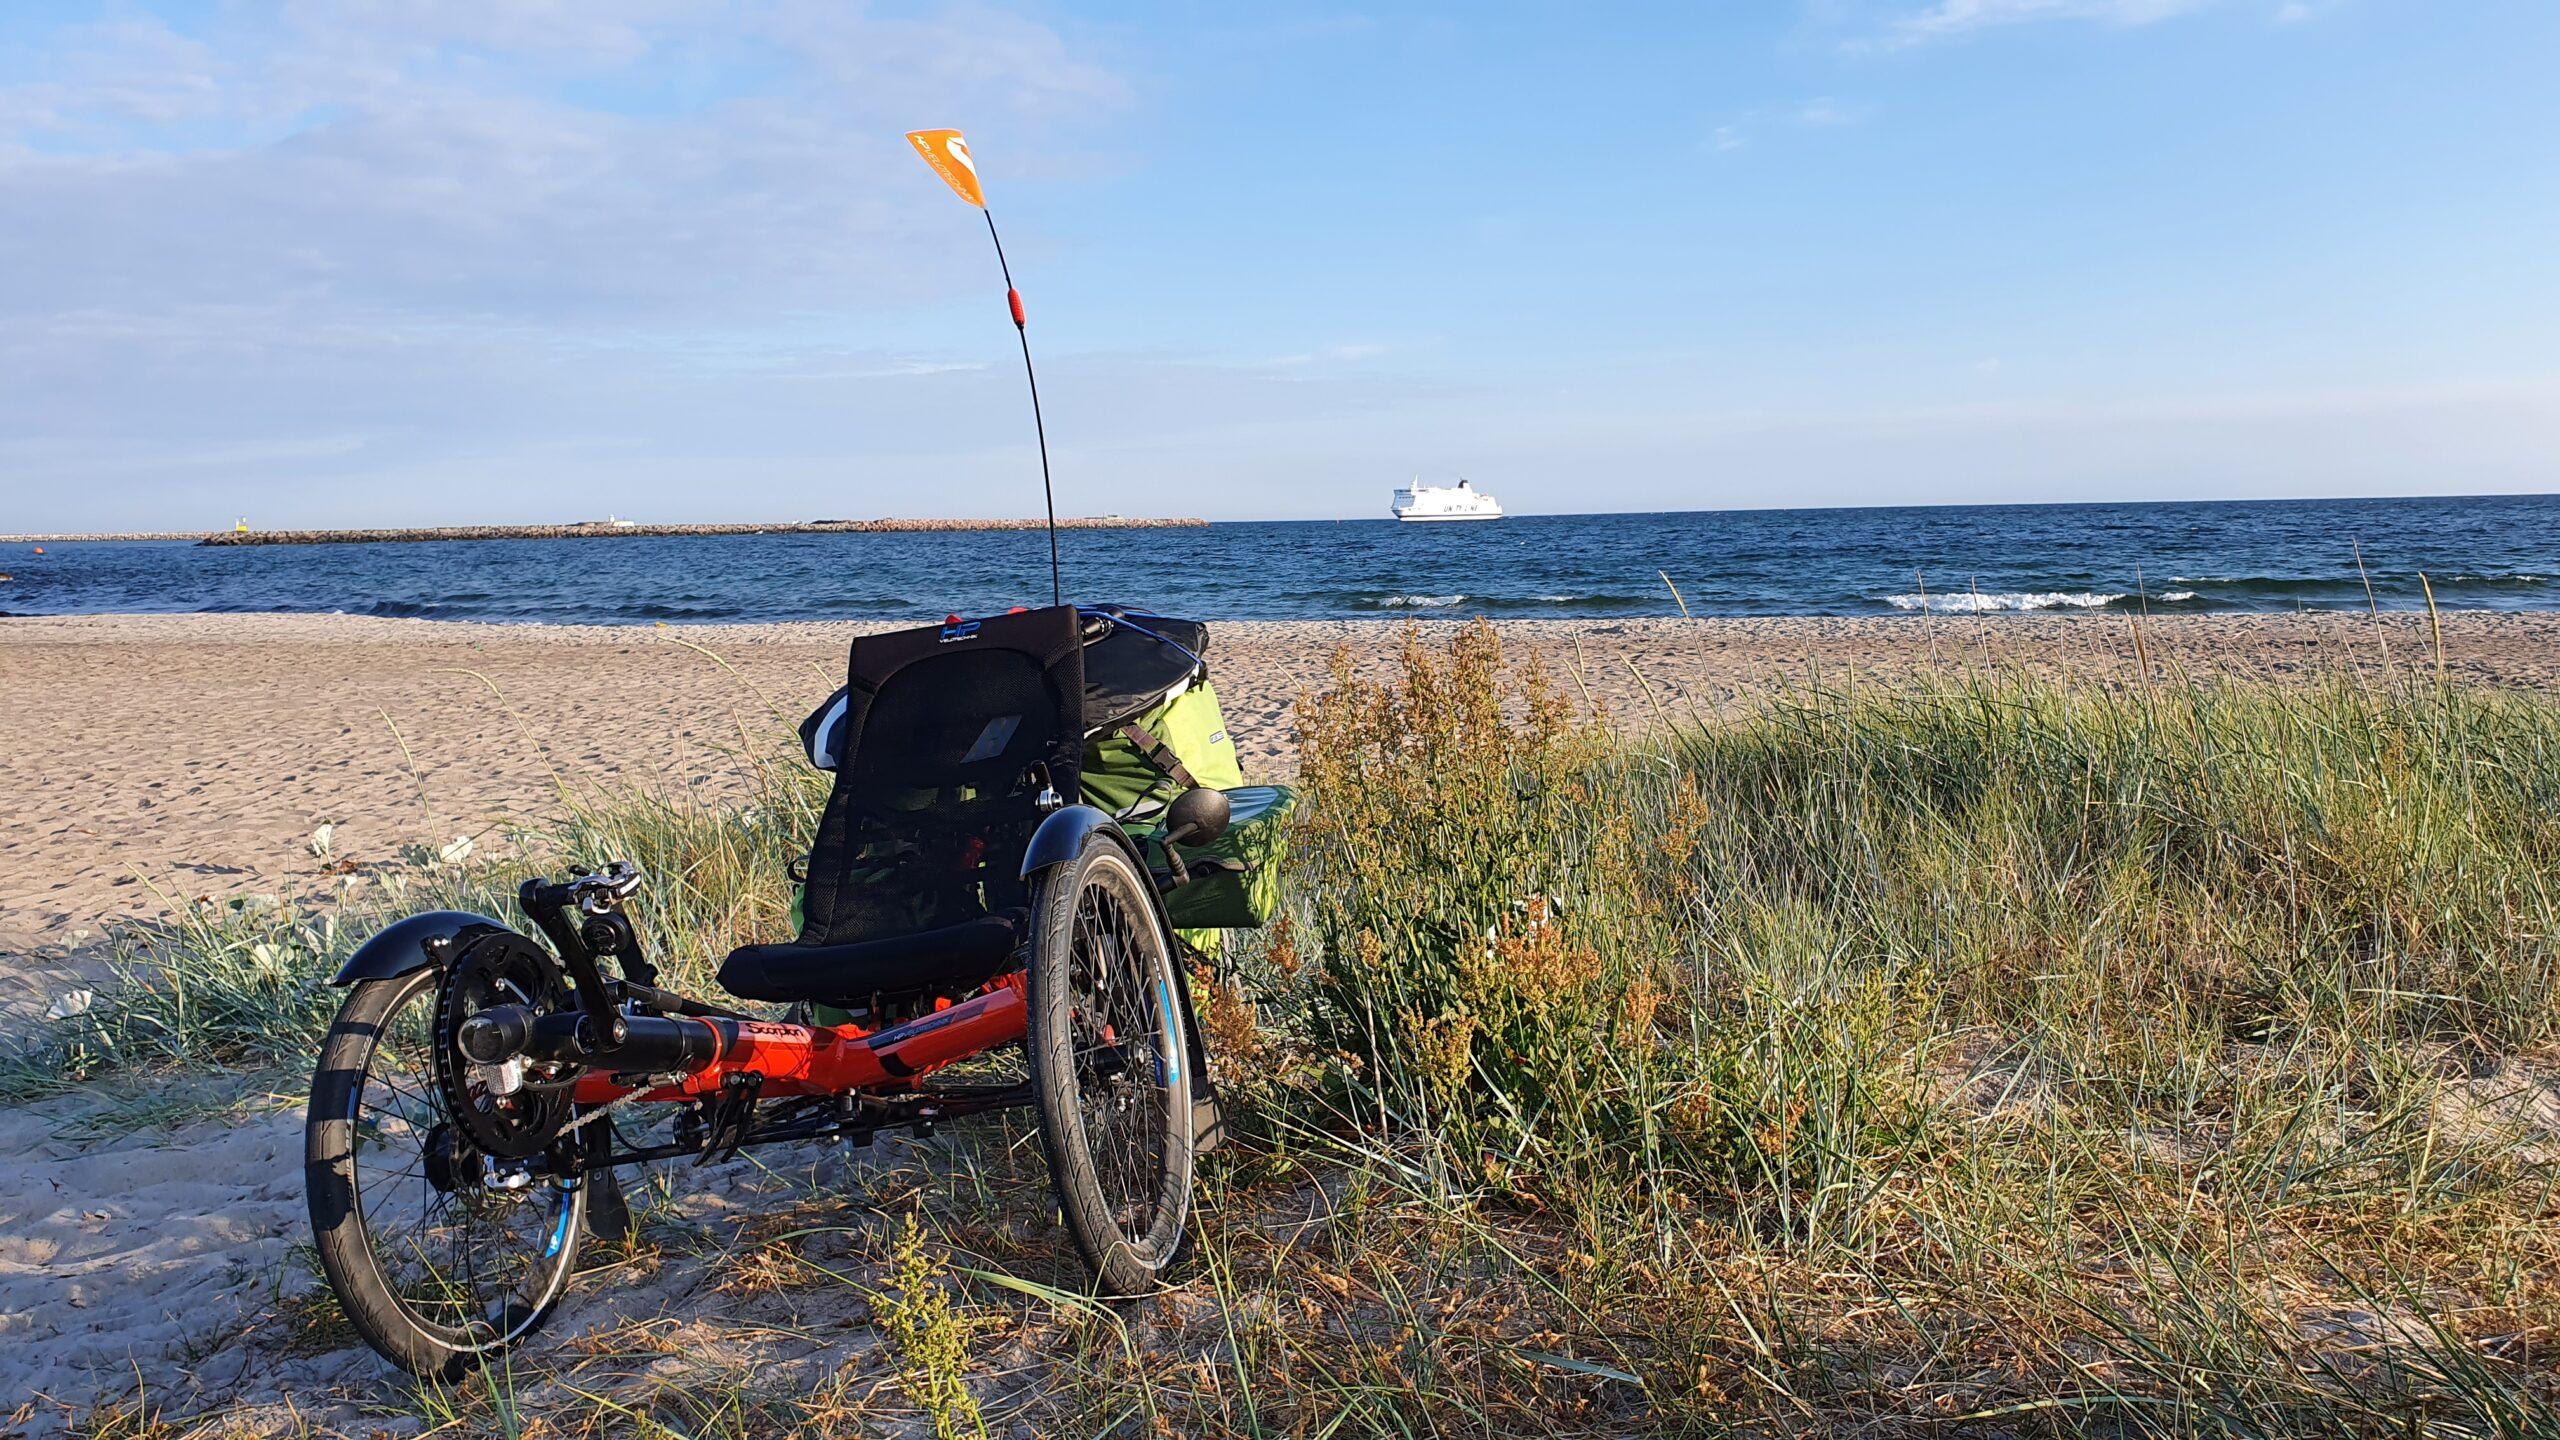 Wyprawa rowerowa, bloger, blog o rowerach, Wyprawa rowerowa Niemcy-Dania-Szwecja na trajce!